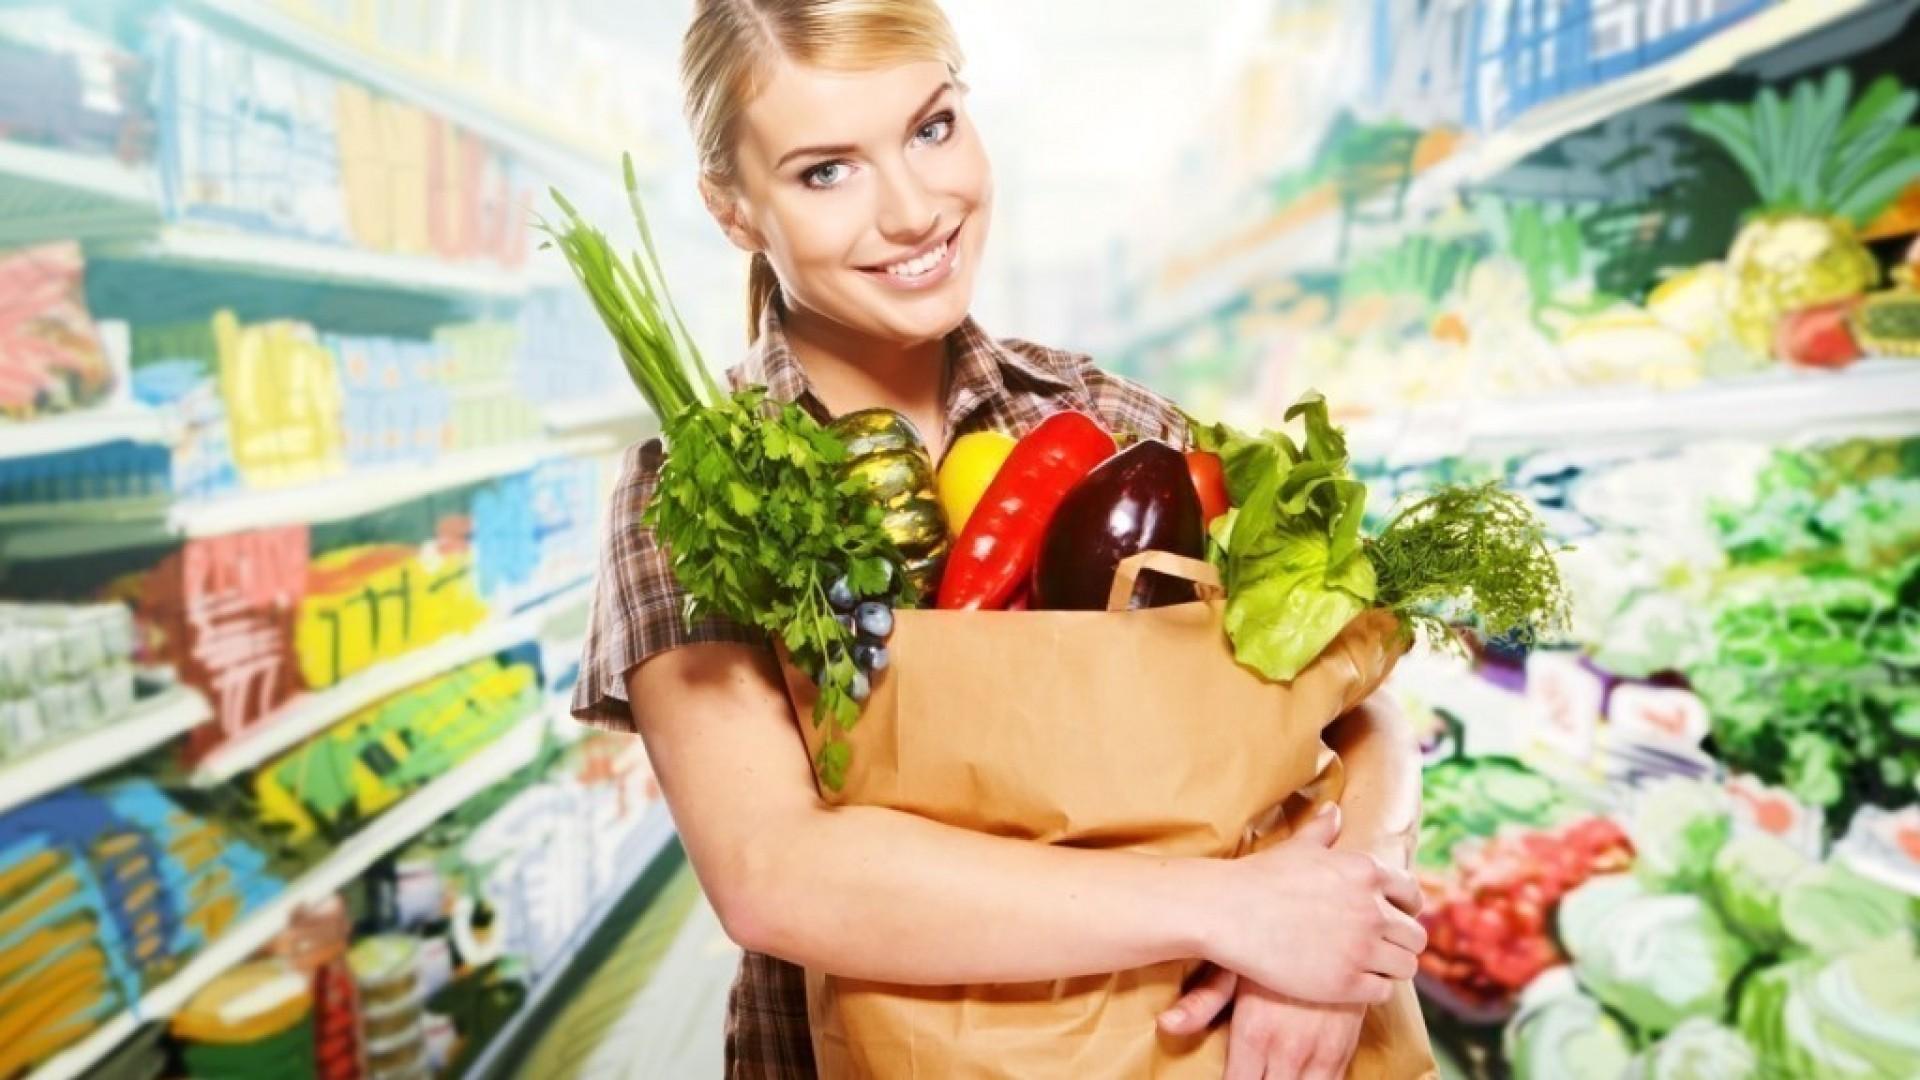 По карману не бьет: как сделать правильное питание бюджетным